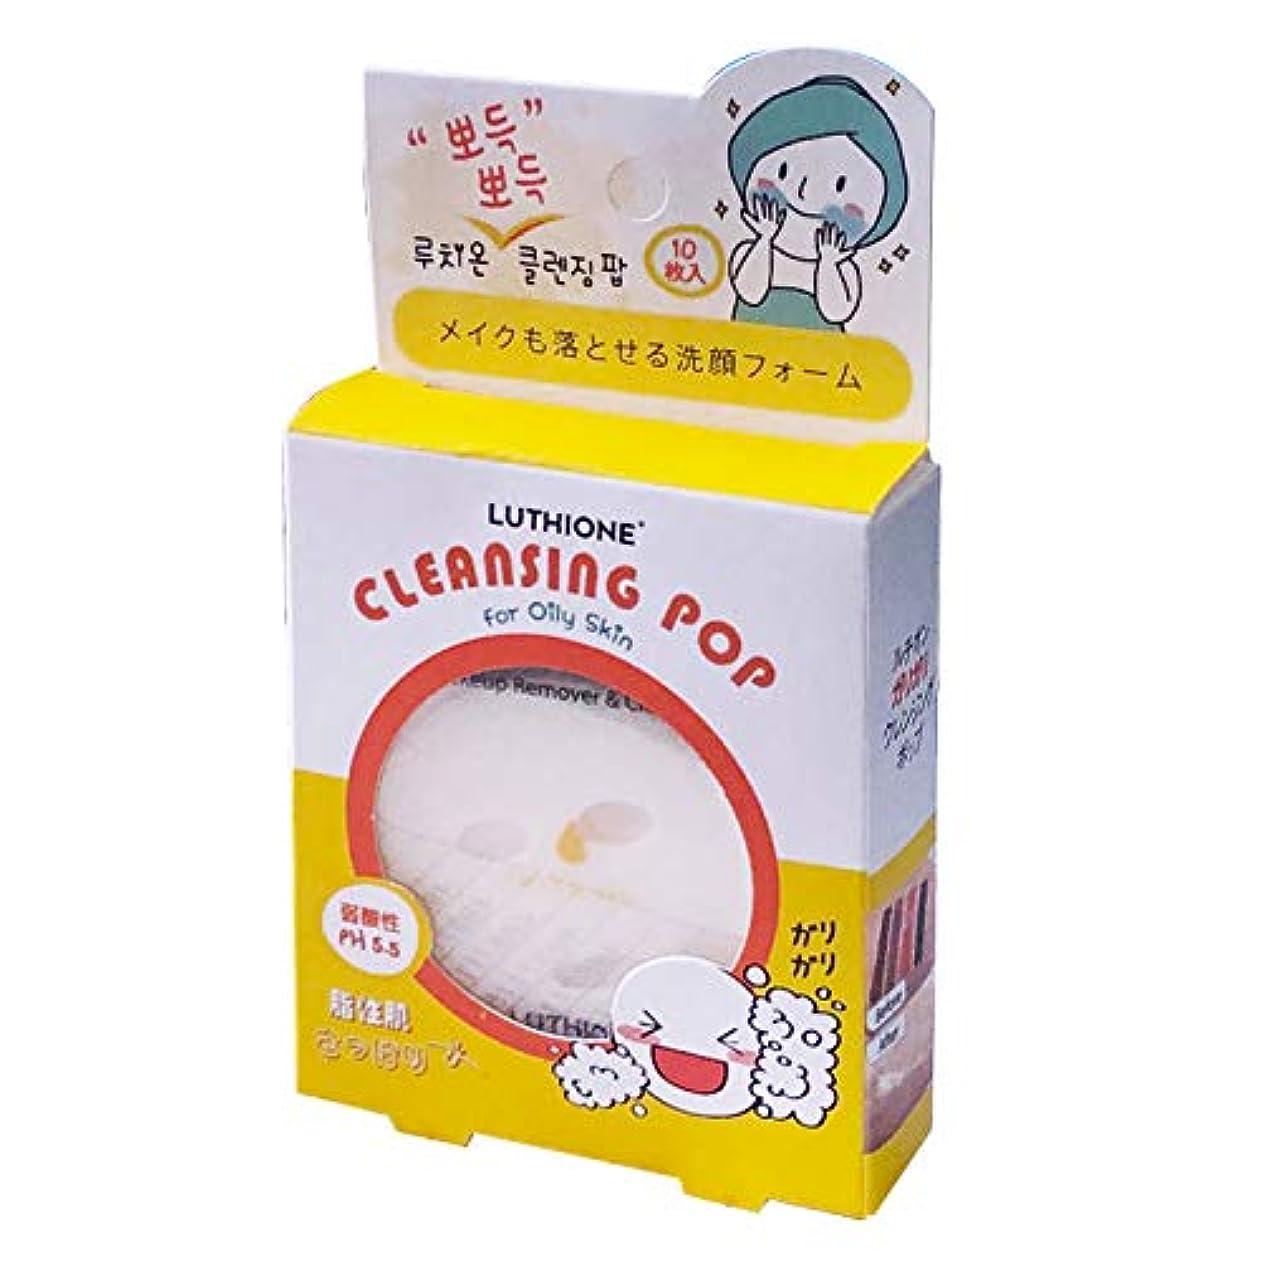 不実休眠馬鹿【まとめ買い】ルチオン クレンジングポップ (LUTHIONE CLEANSING POP) 脂性肌 10枚入り ×2個